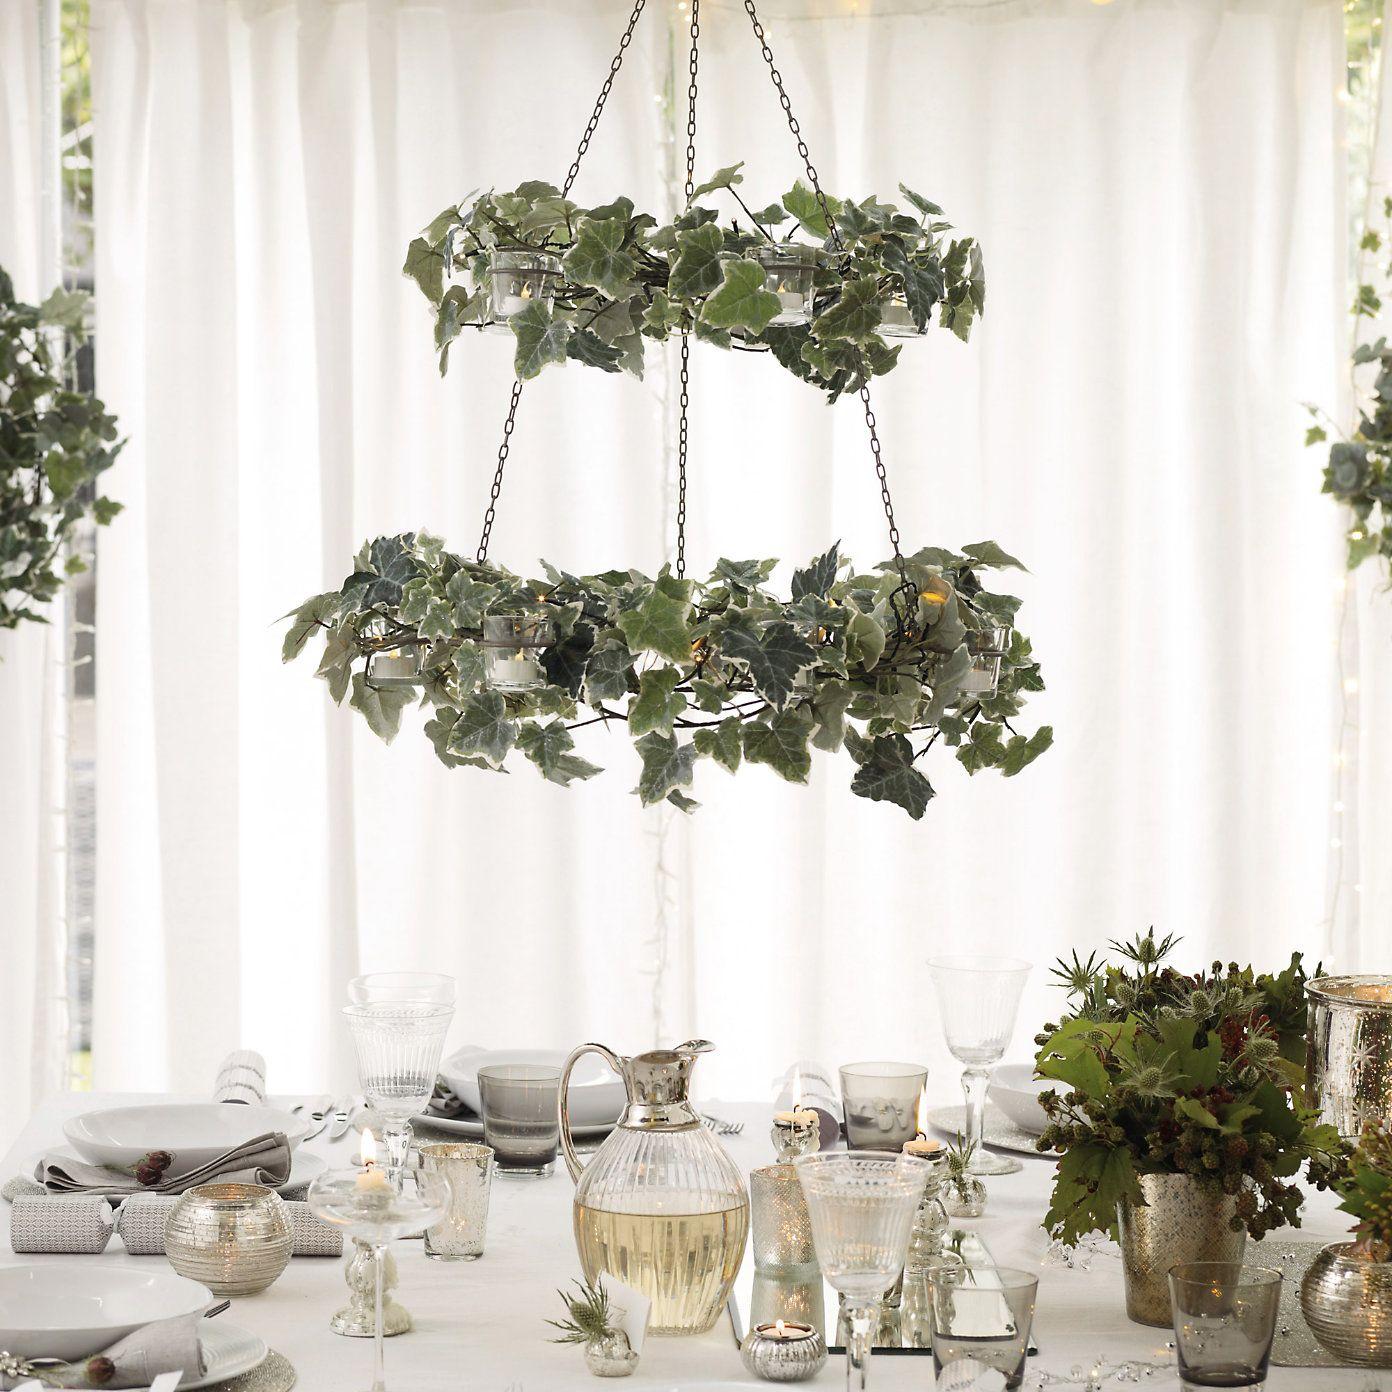 Hanging Ivy Tea Light Holders Hanging Christmas Lights Christmas Table Decorating With Christmas Lights